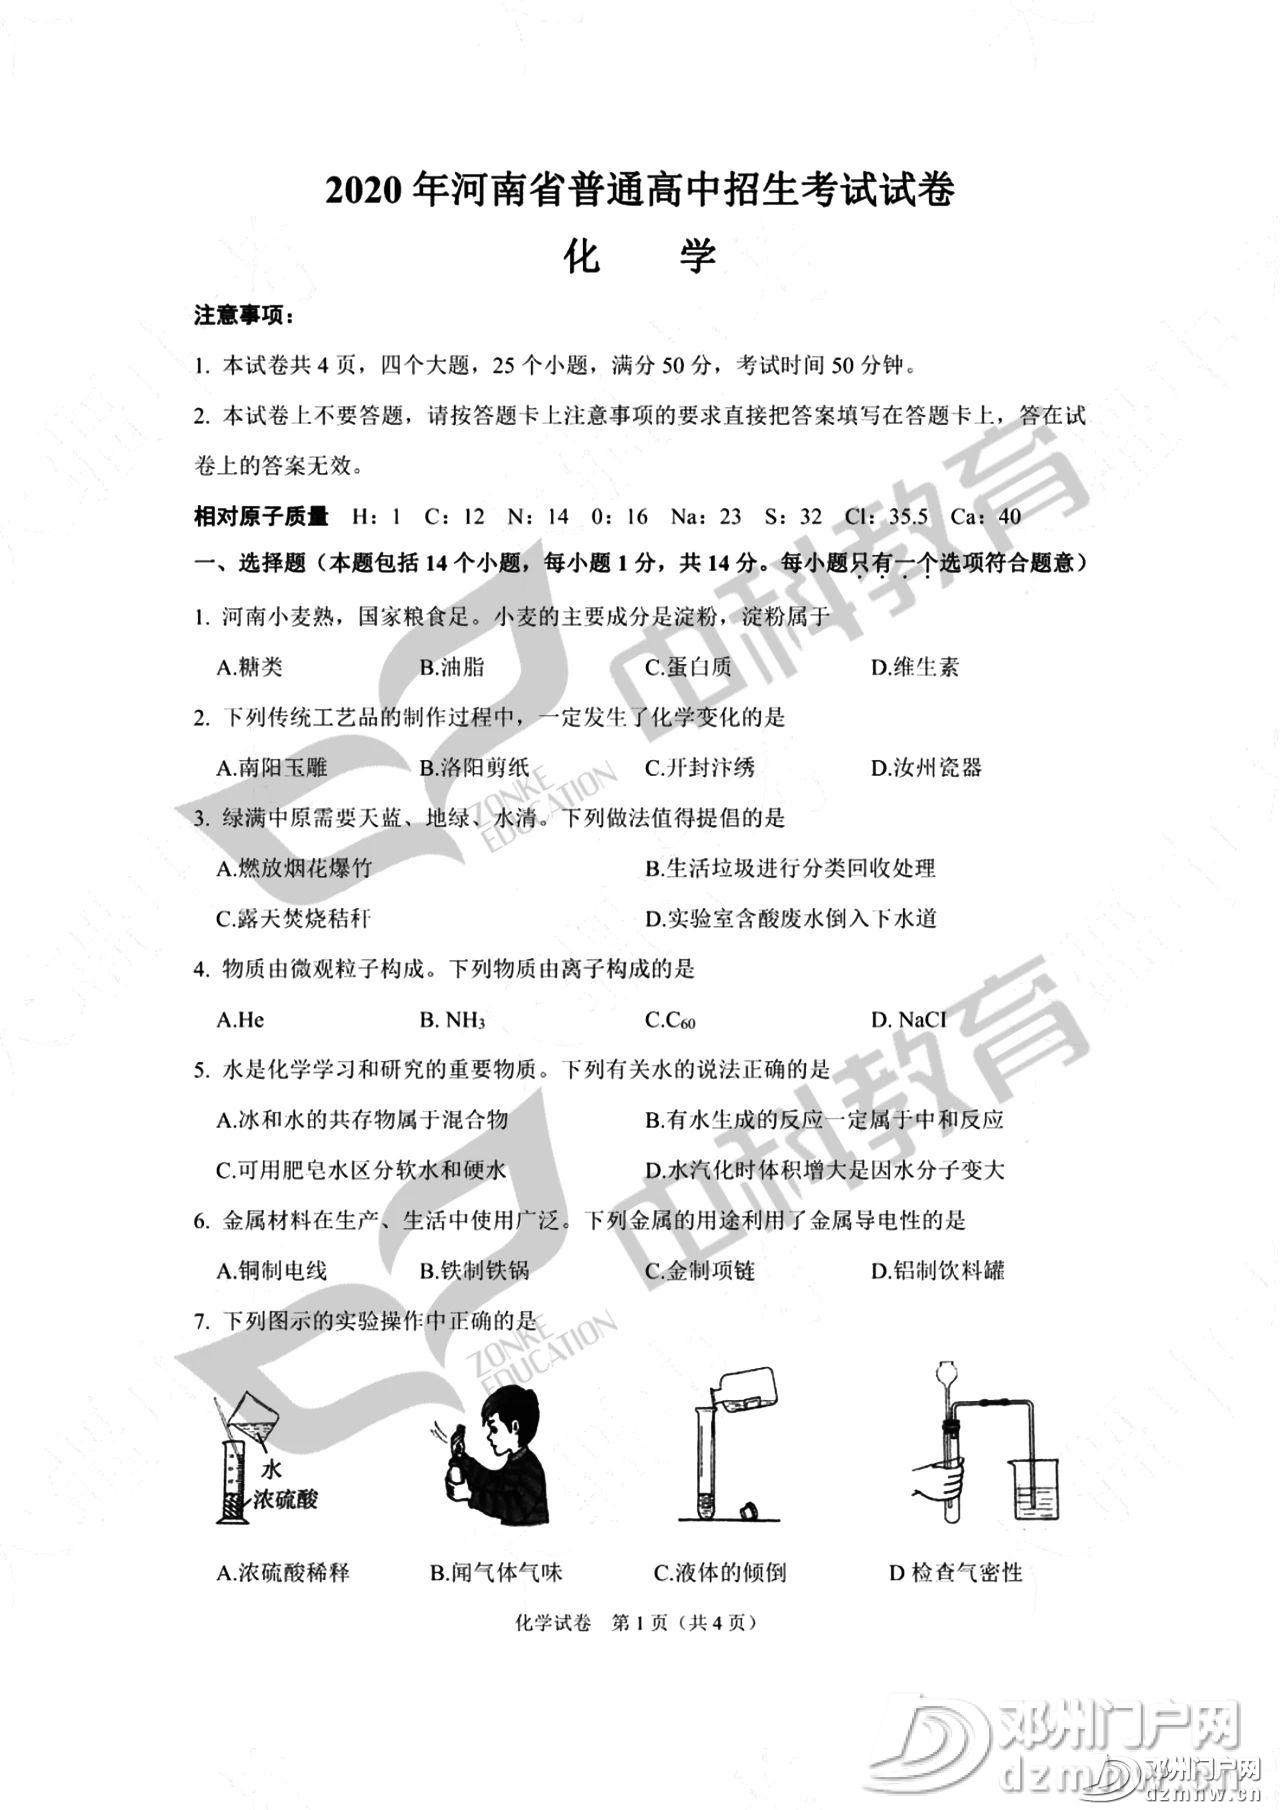 最新!邓州2020年中招各科试题及答案公布,请转发给身边的初三学生家长! - 邓州门户网|邓州网 - 7b63acb6d7217ace33395e73c10da910.jpg